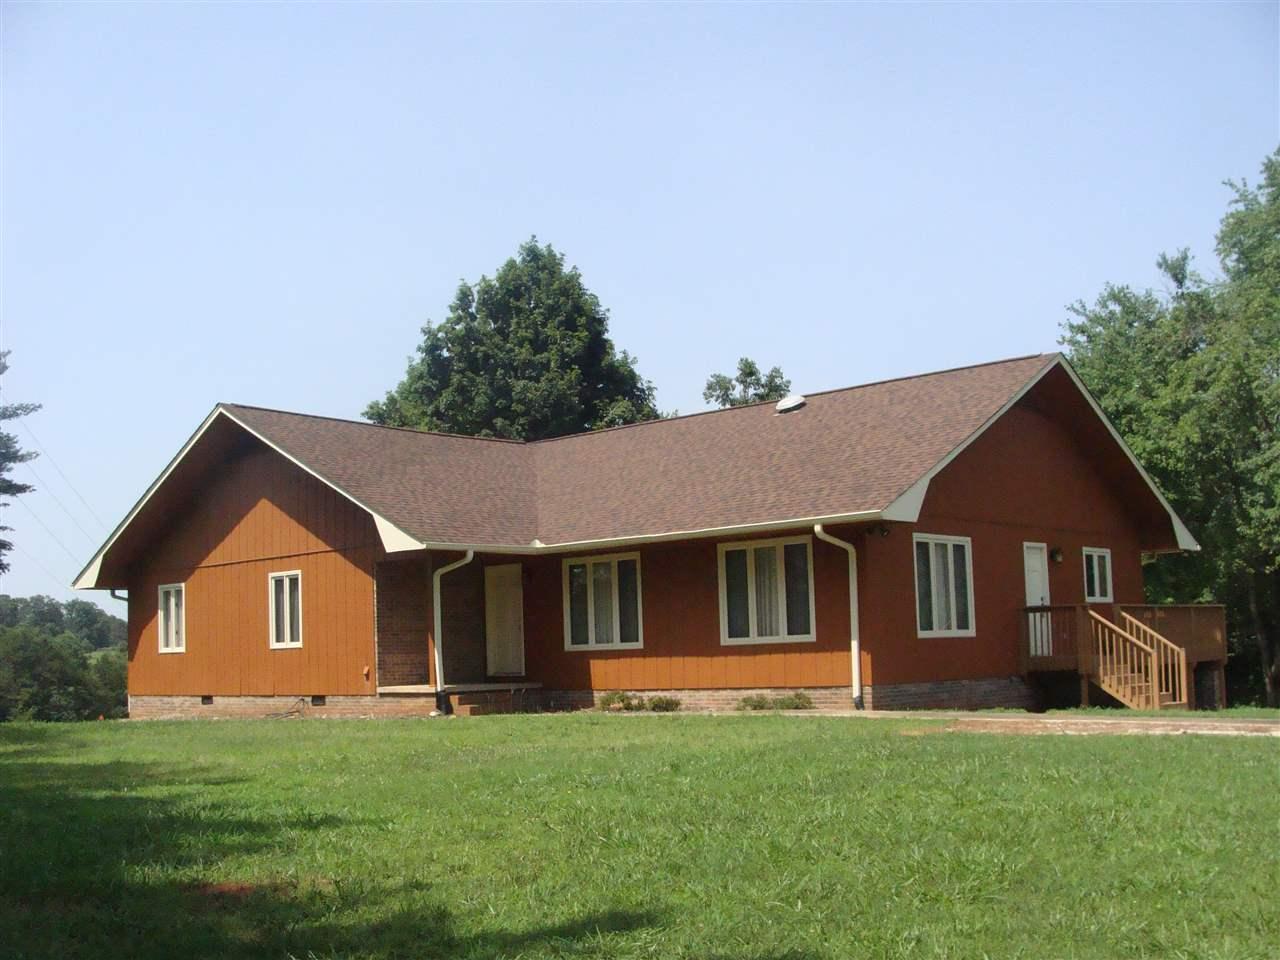 Real Estate for Sale, ListingId: 34019899, West Union,SC29696